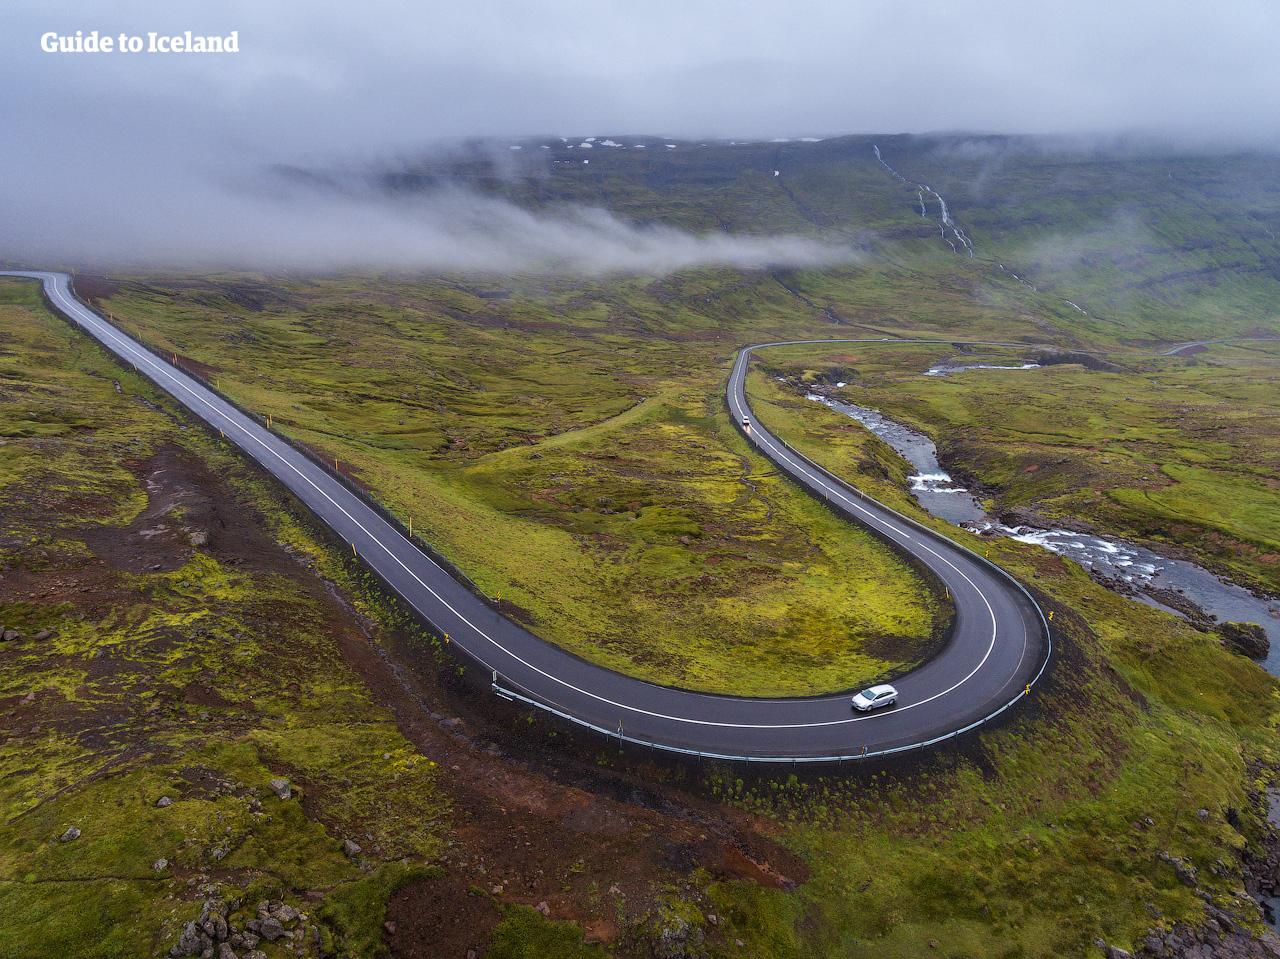 In un tour con guida autonoma, avrai la libertà di esplorare l'Islanda al tuo ritmo.